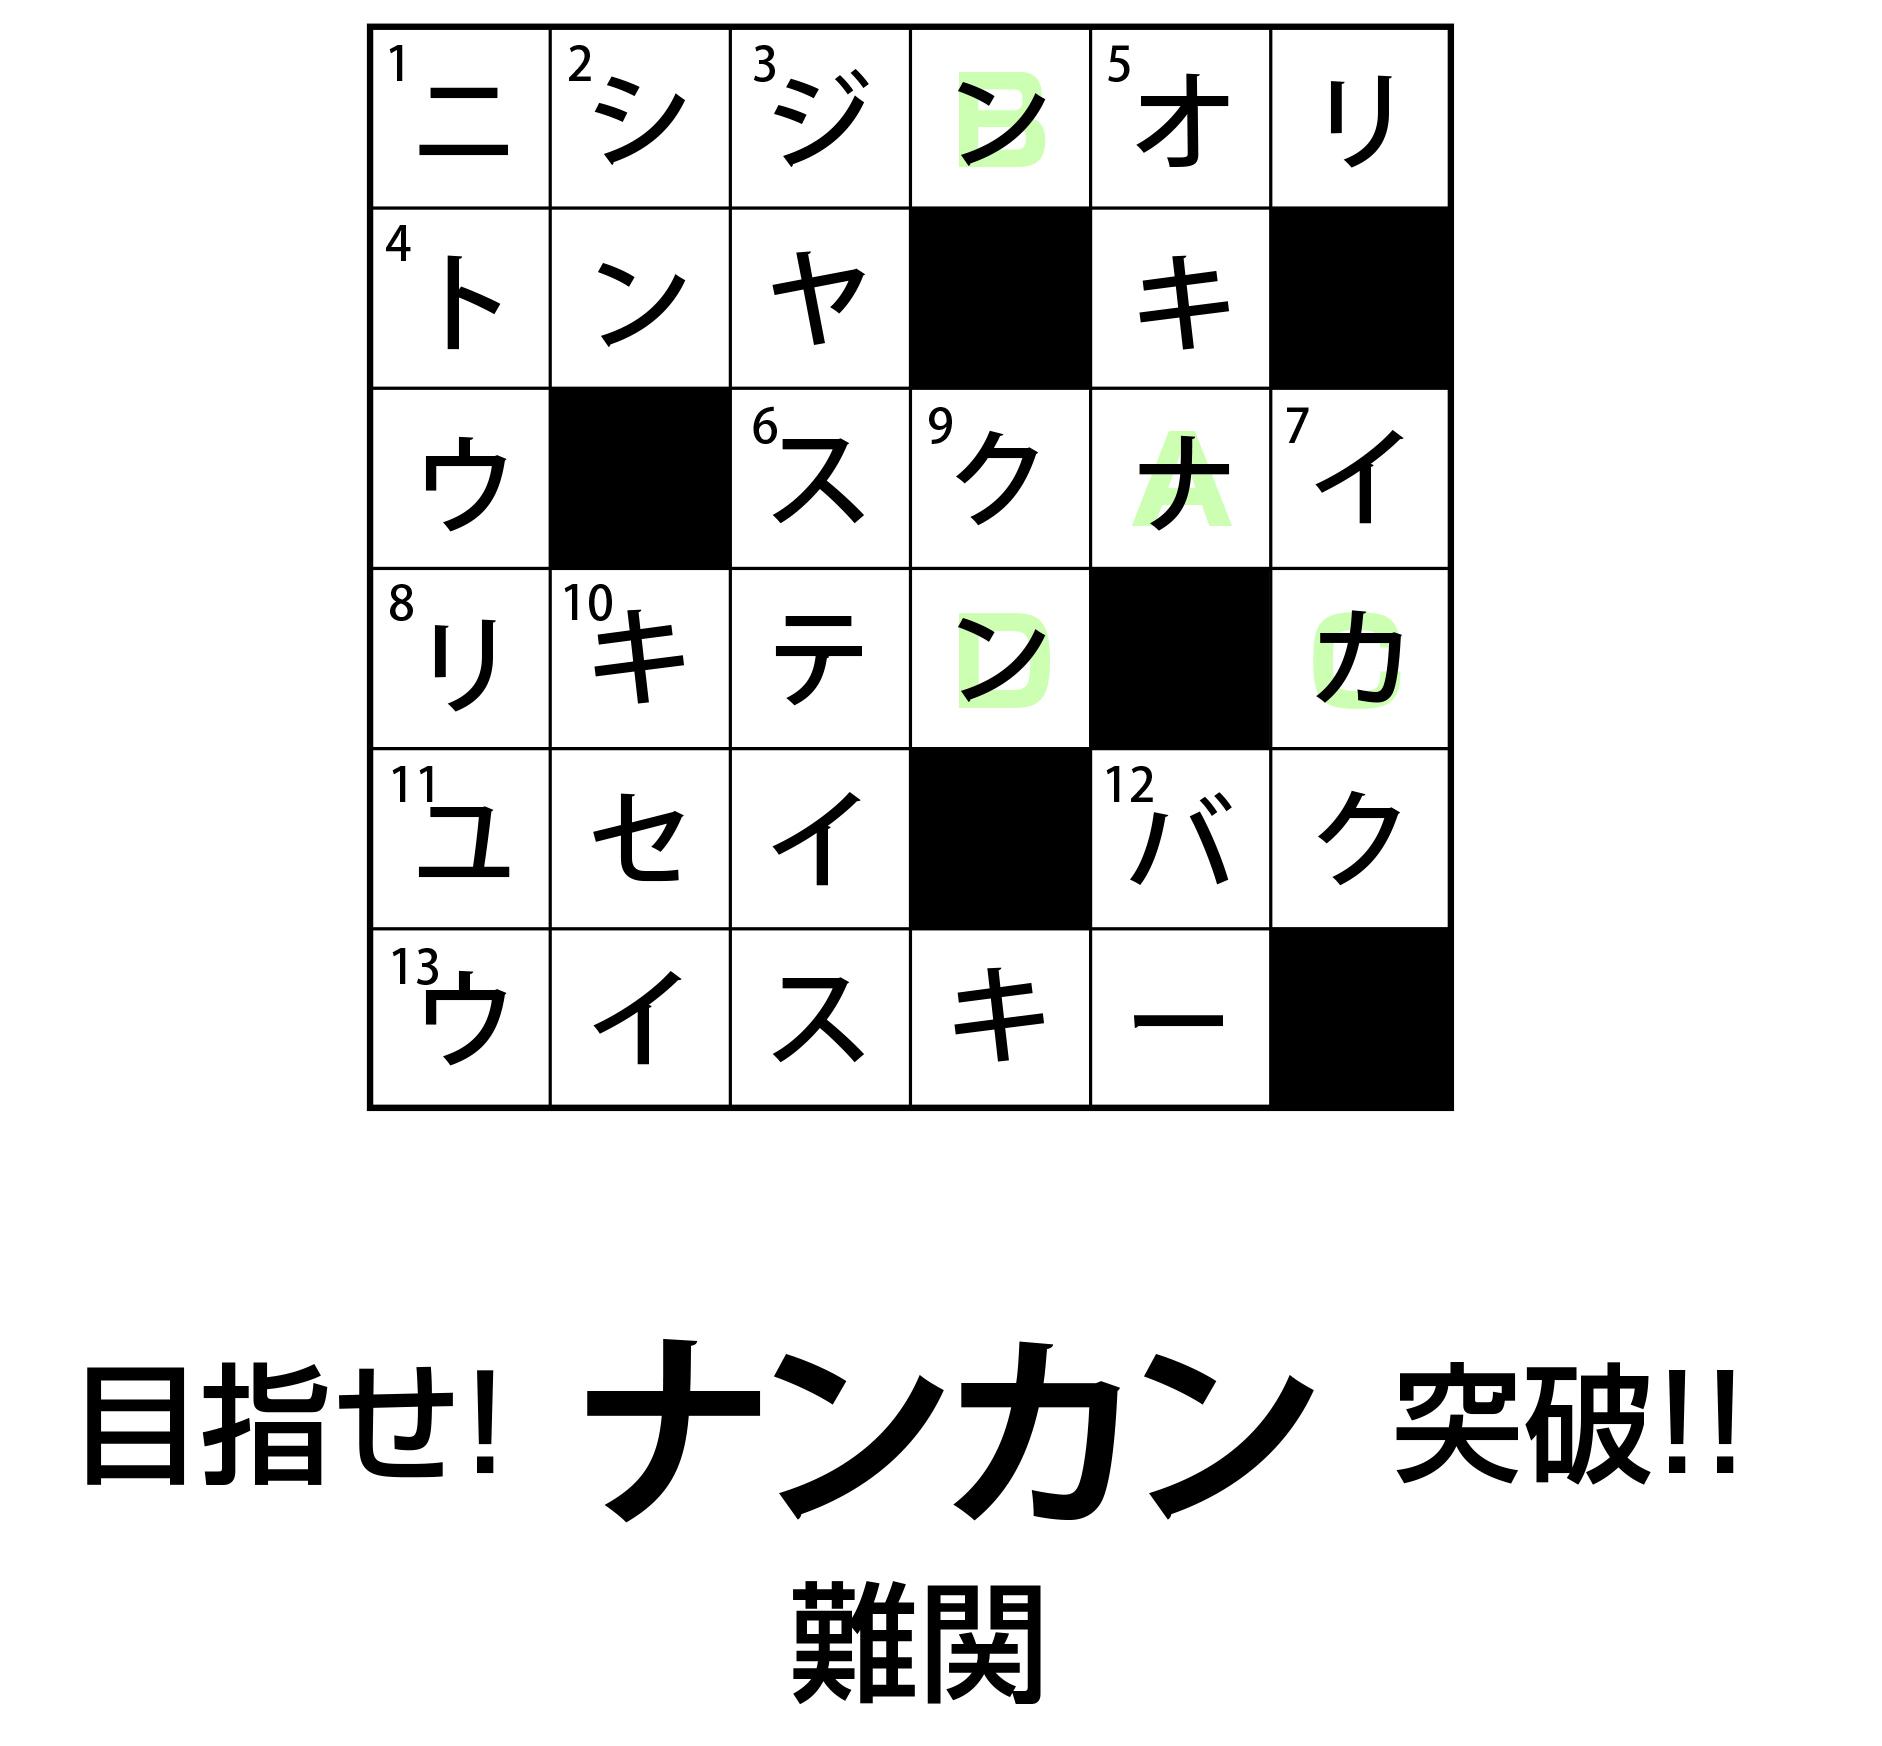 クロスワードの答え